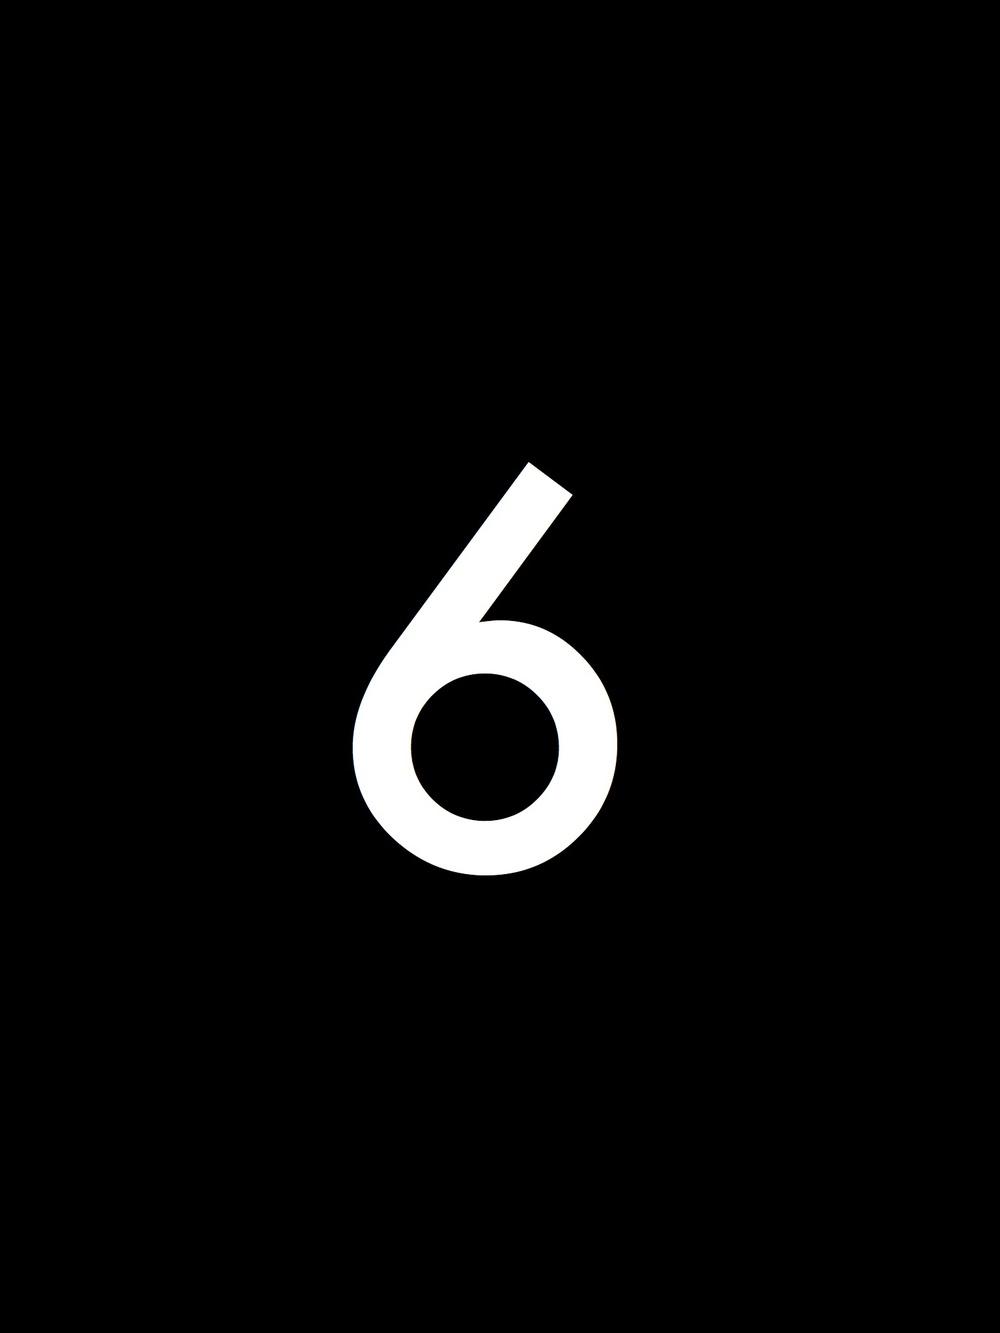 Black_Number.006.jpg